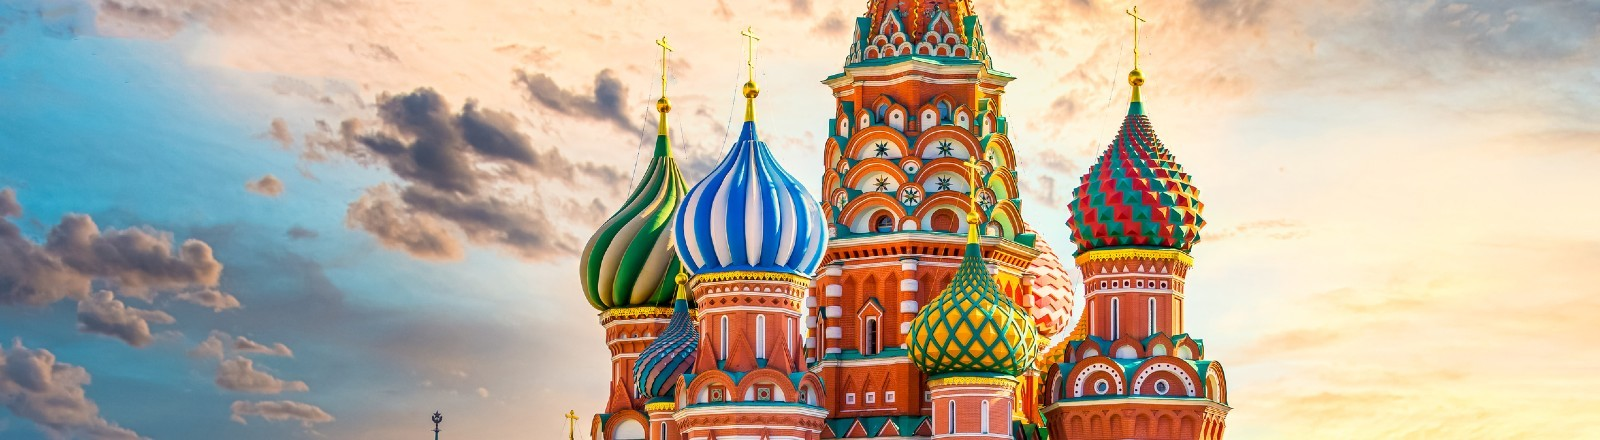 Die Basilius-Kathedrale auf dem Roten Platz in Moskau.